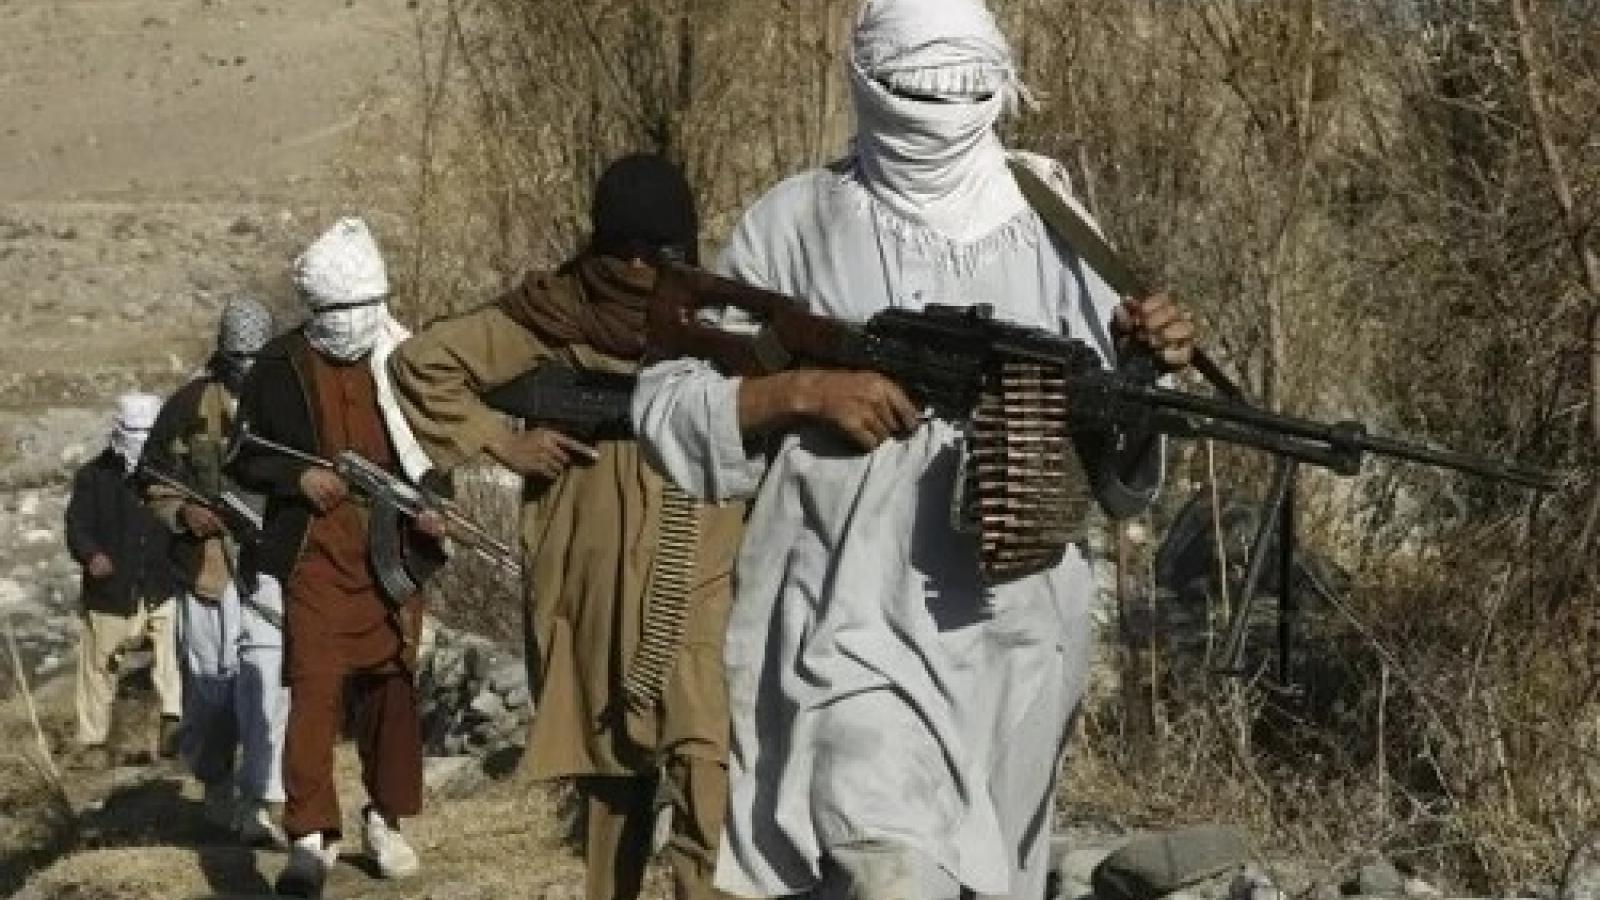 Lãnh đạo Taliban ủng hộ thỏa thuận chính trị cho xung đột ở Afghanistan